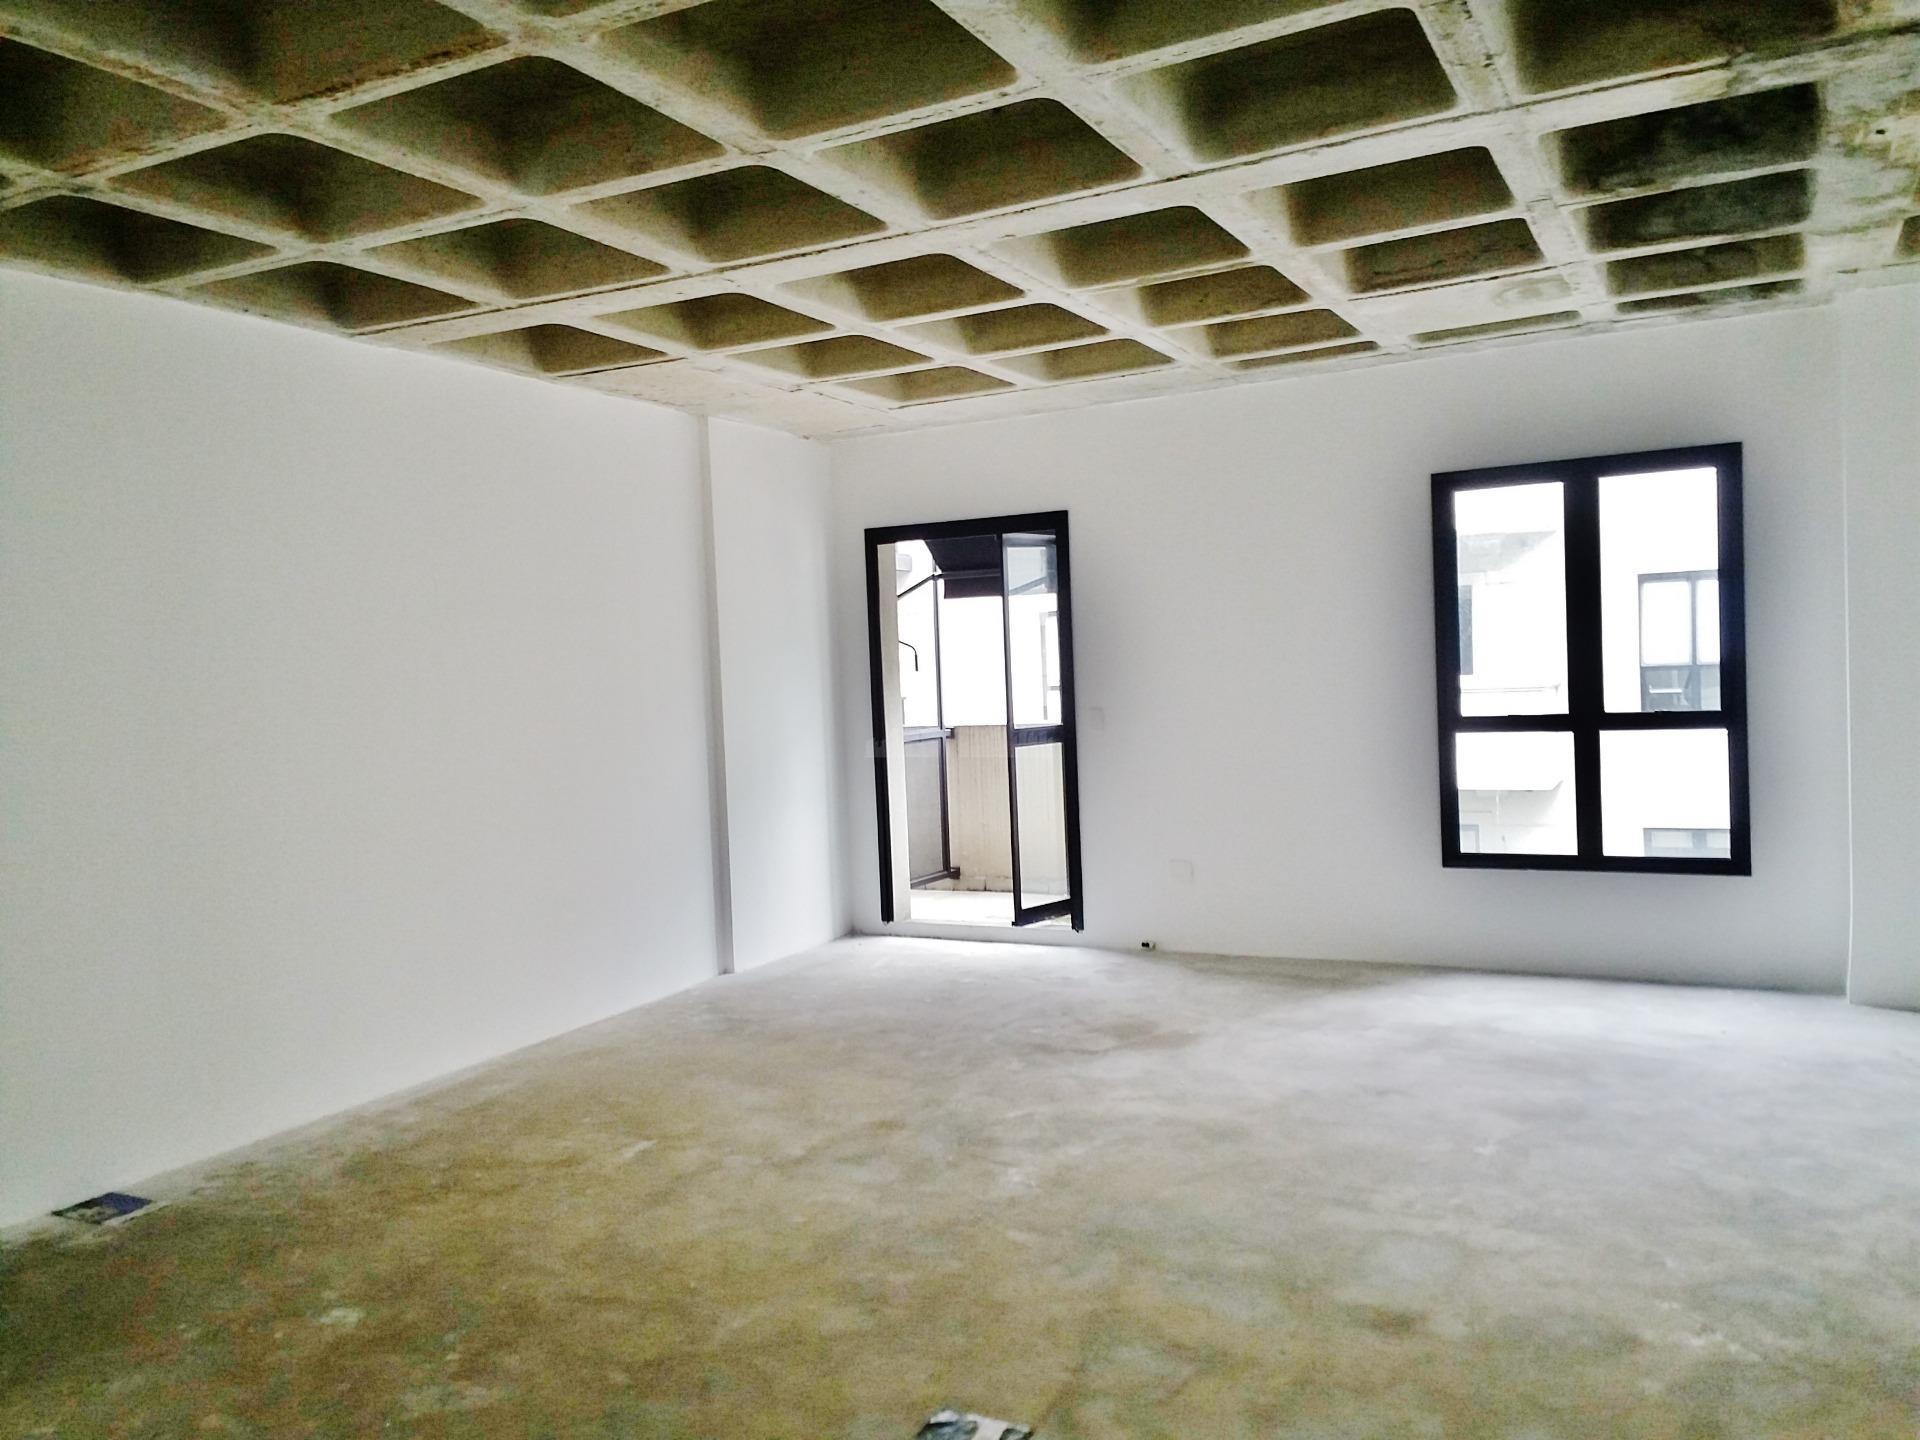 Conjunto à venda, 46 m² por R$ 462.900 - Alto de Pinheiros - São Paulo/SP